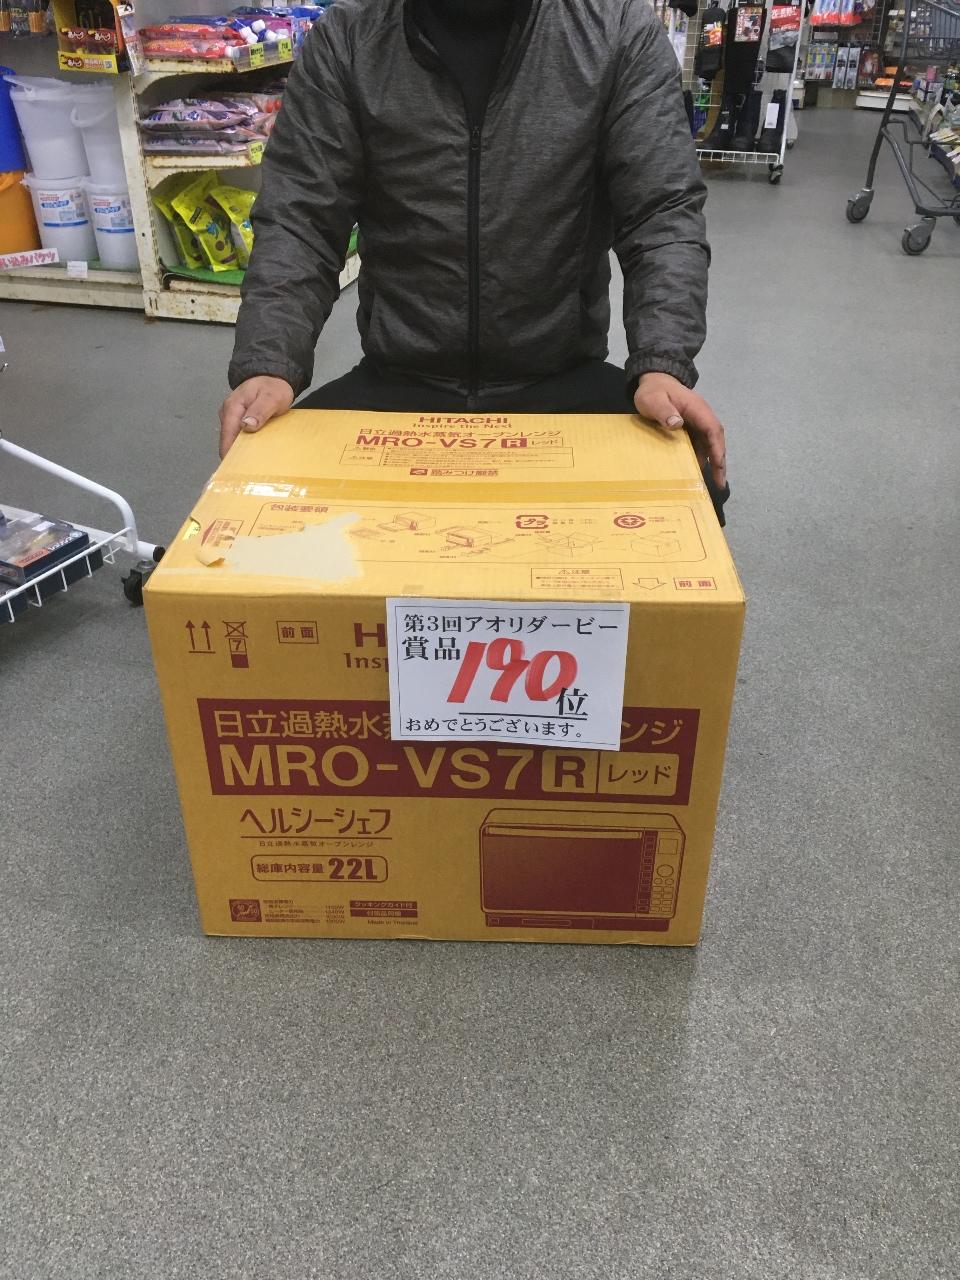 12/26    第5回アオリダービー     190 位  T28様  日立ボイラー式オーブンレンジget !! おめでとうございます。